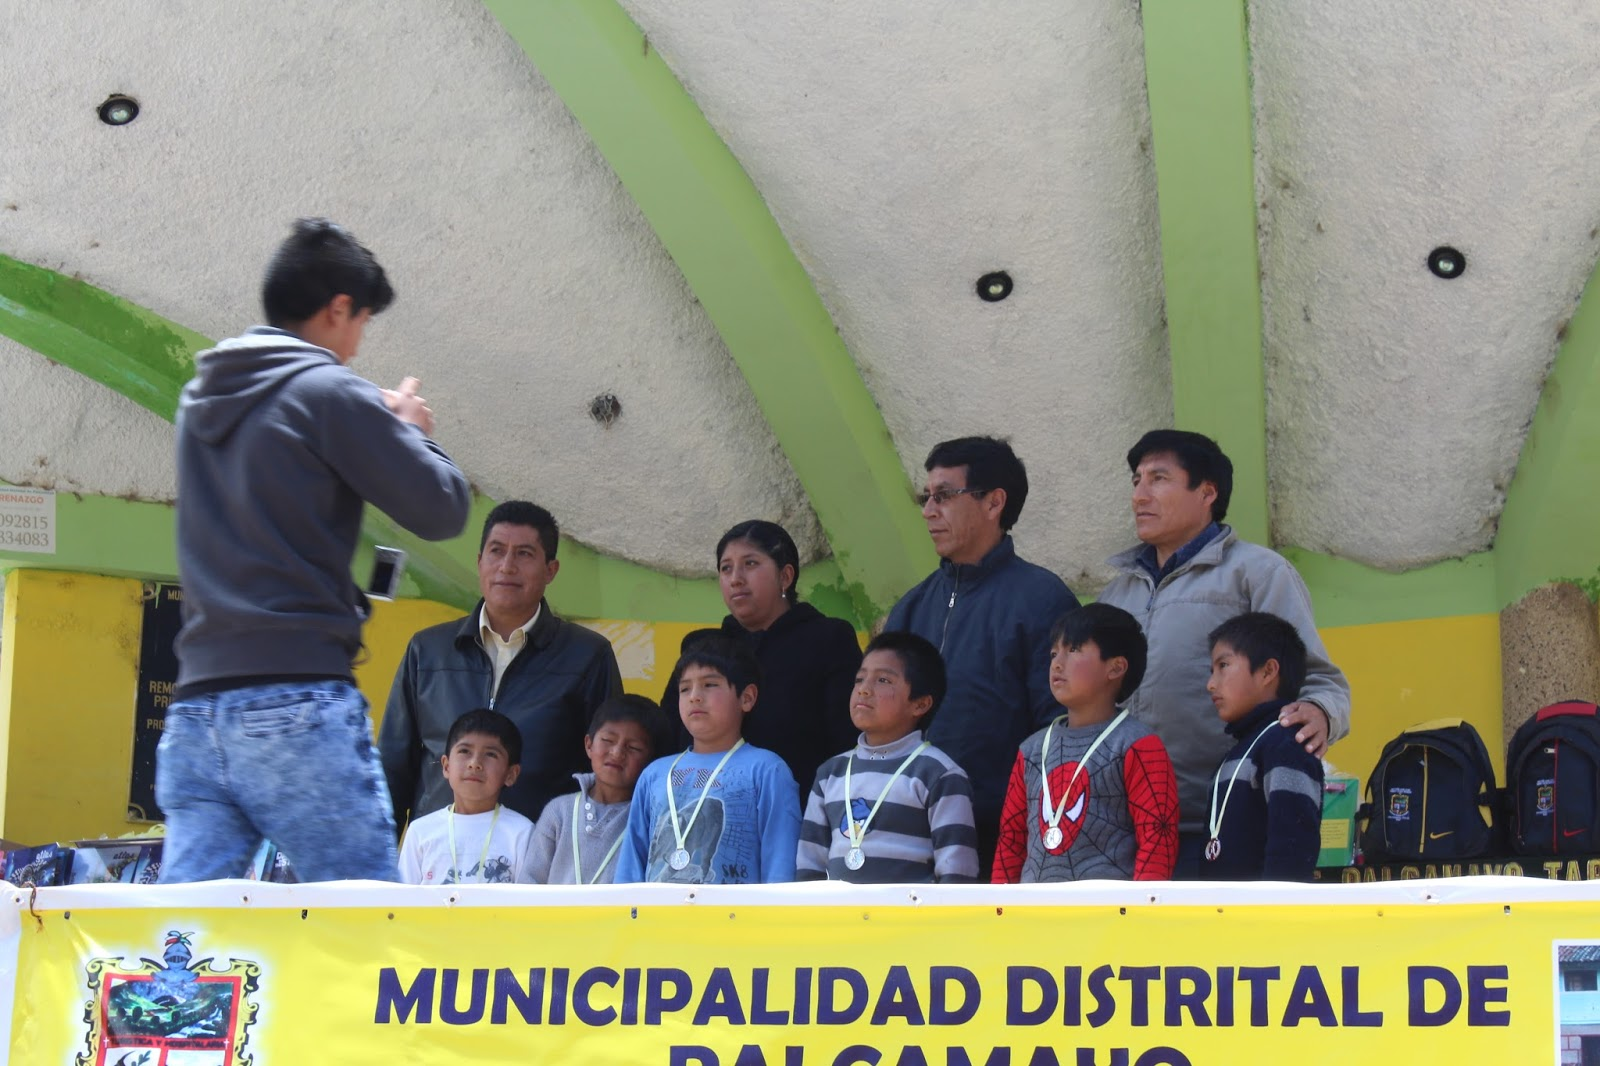 Palcamayo for Municipalidad de tarma